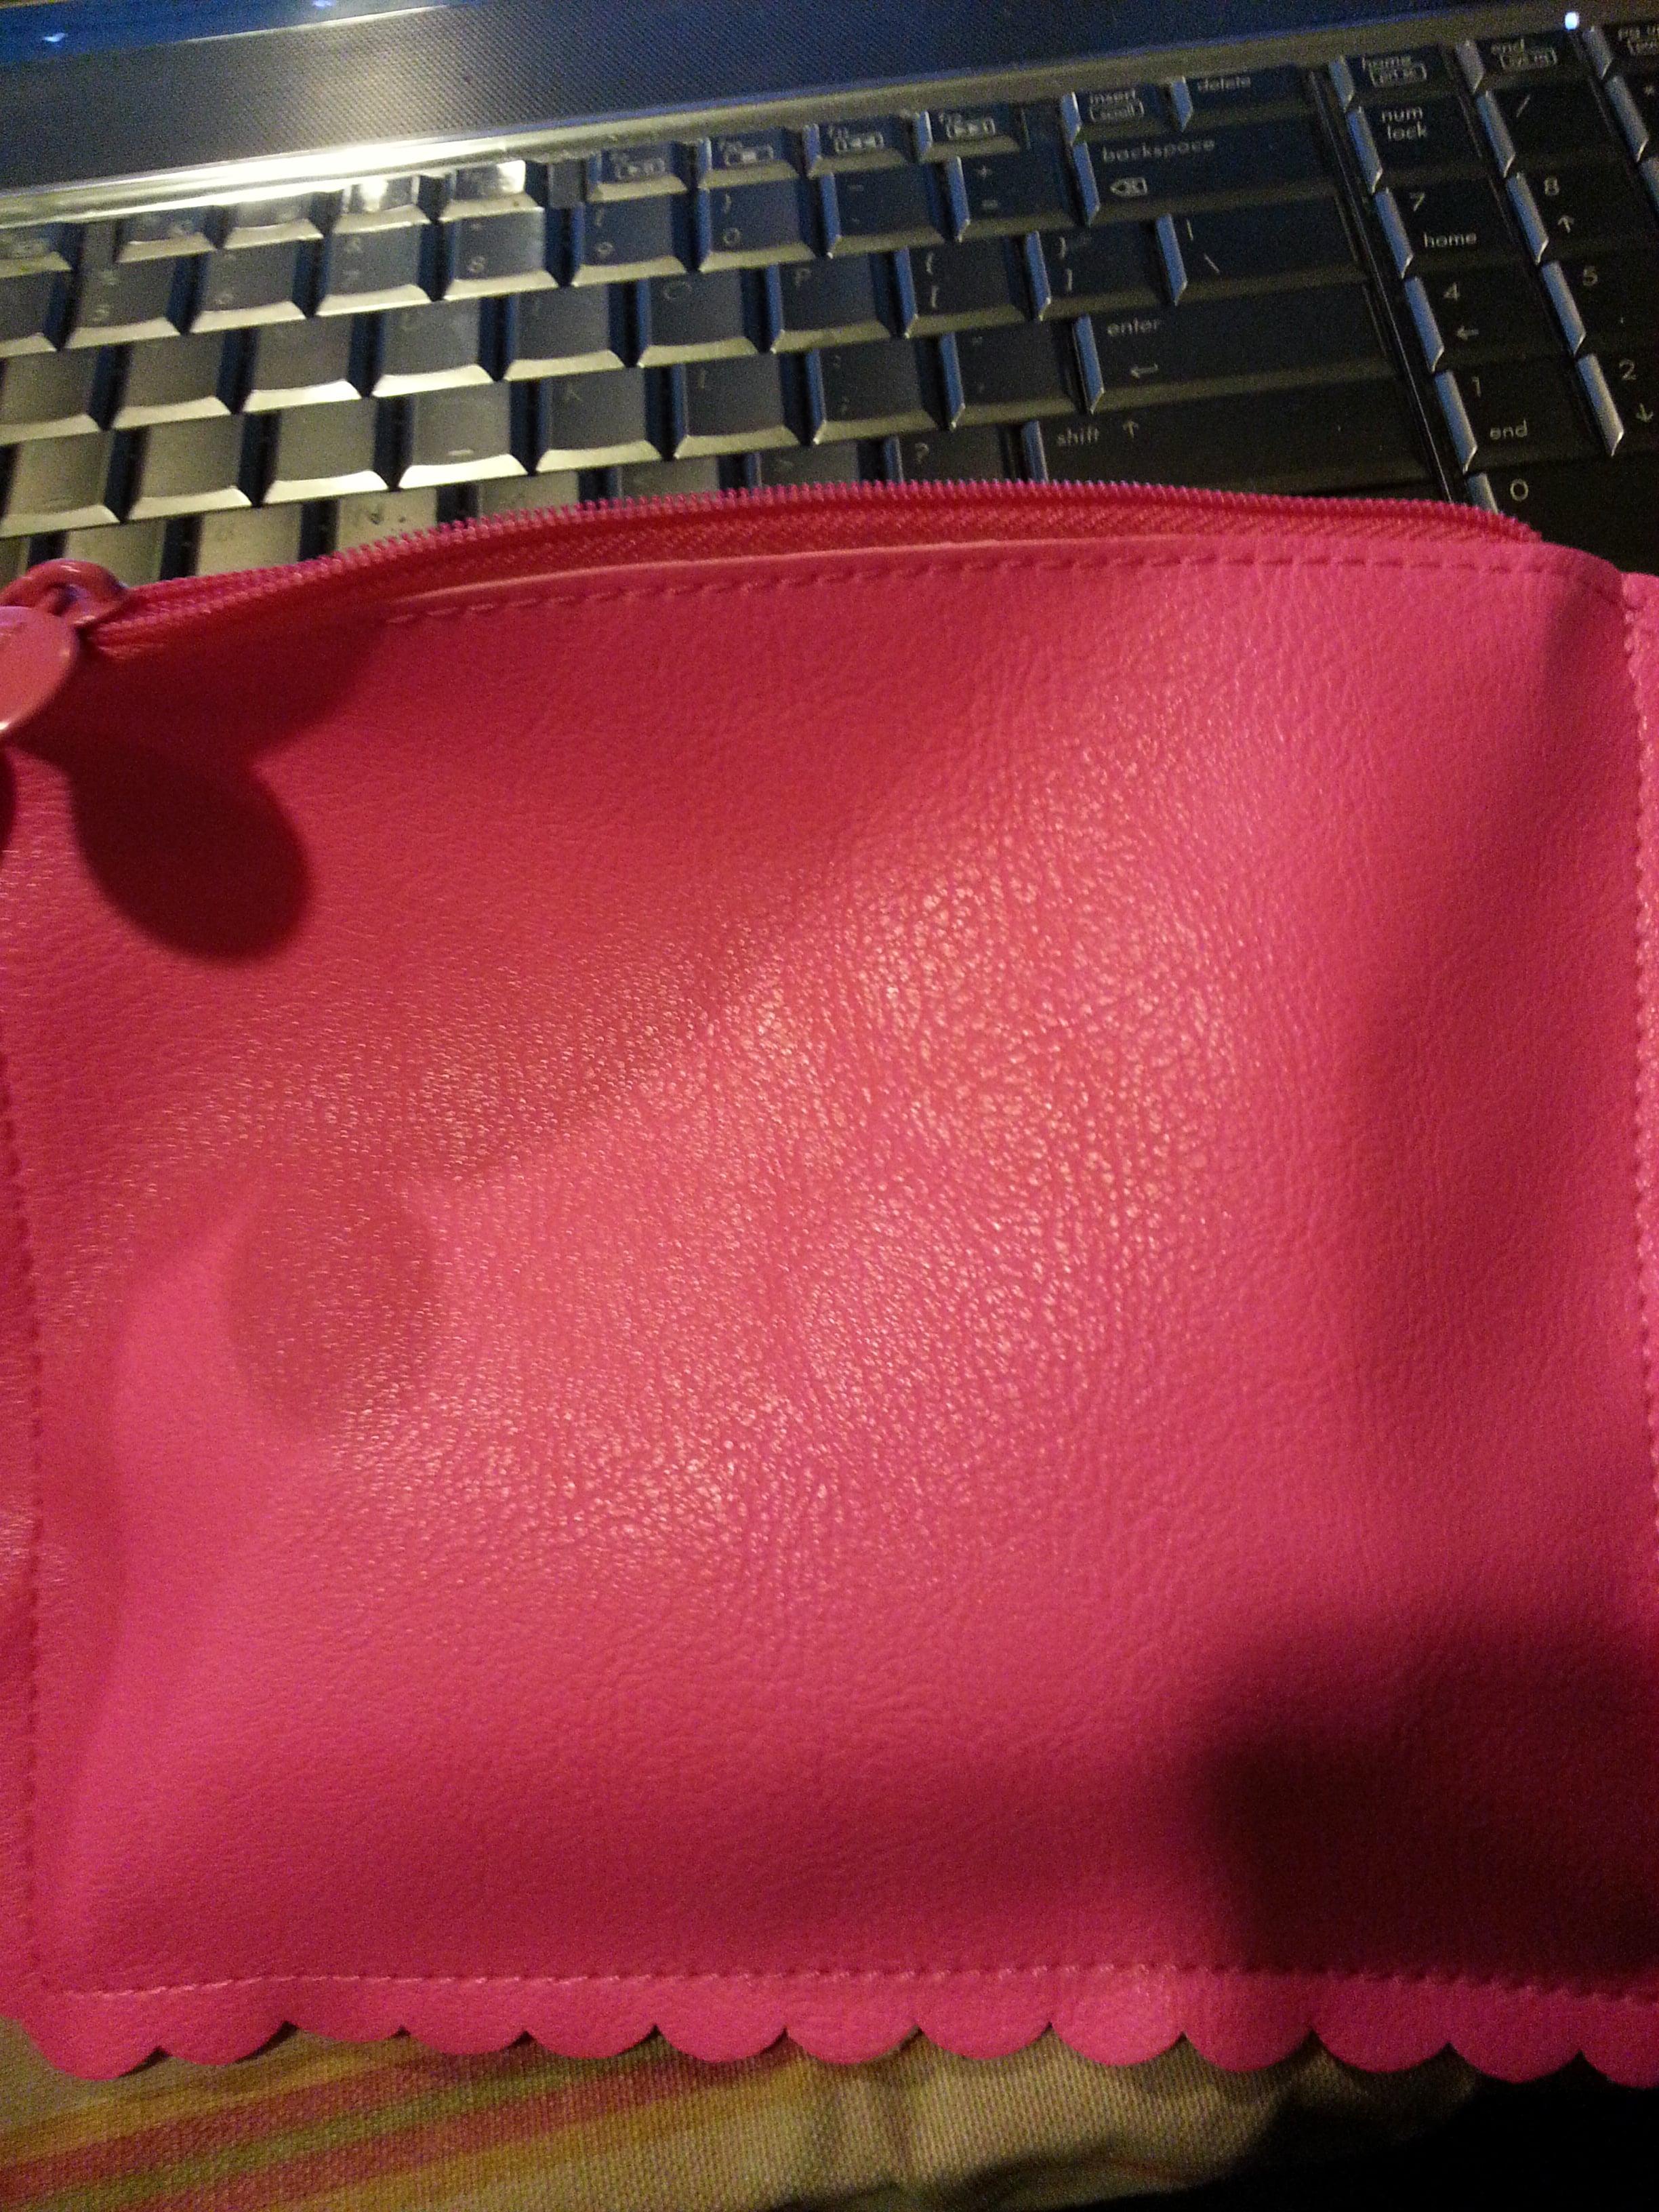 ispy bag